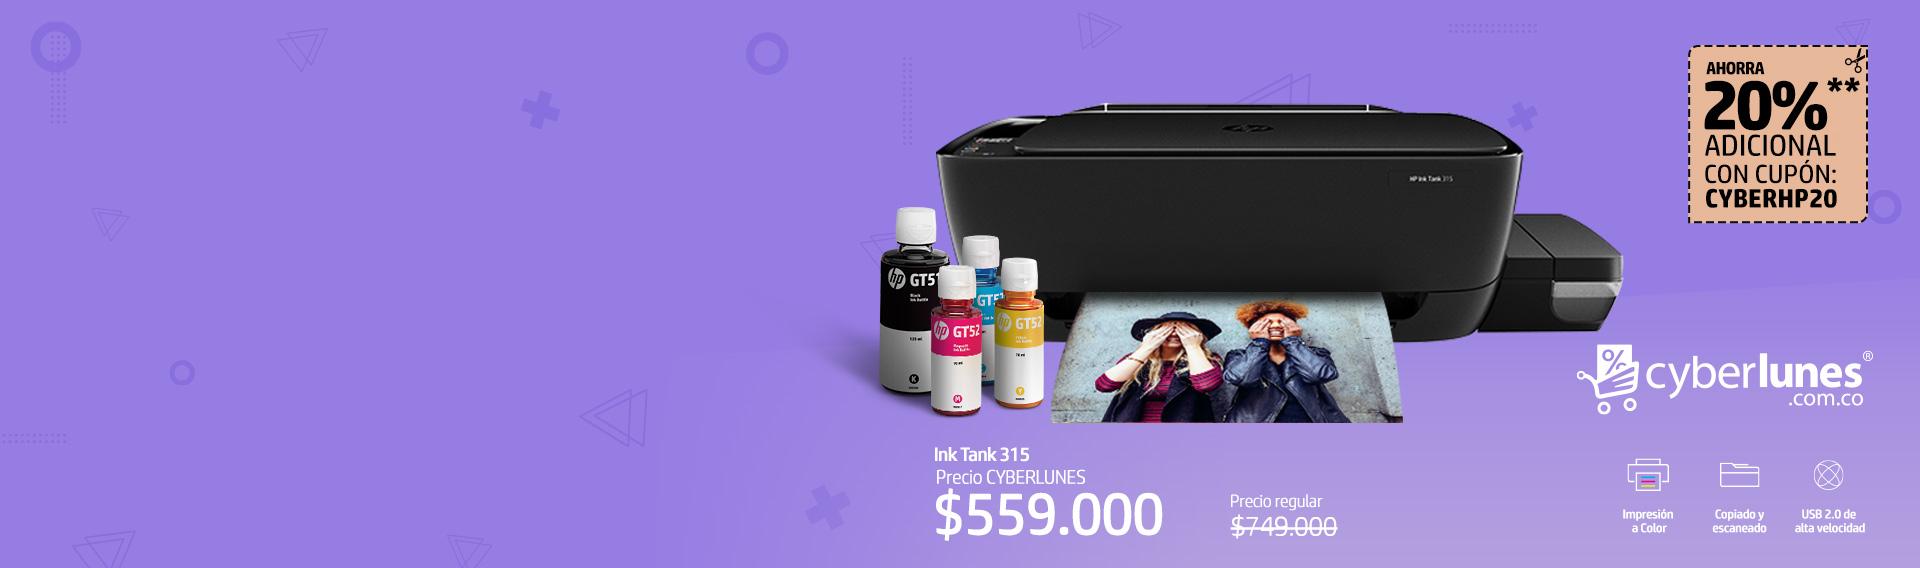 HP Ink Tank 315 ahorra 25%* + Cupón ¡Imprime lo que necesites!